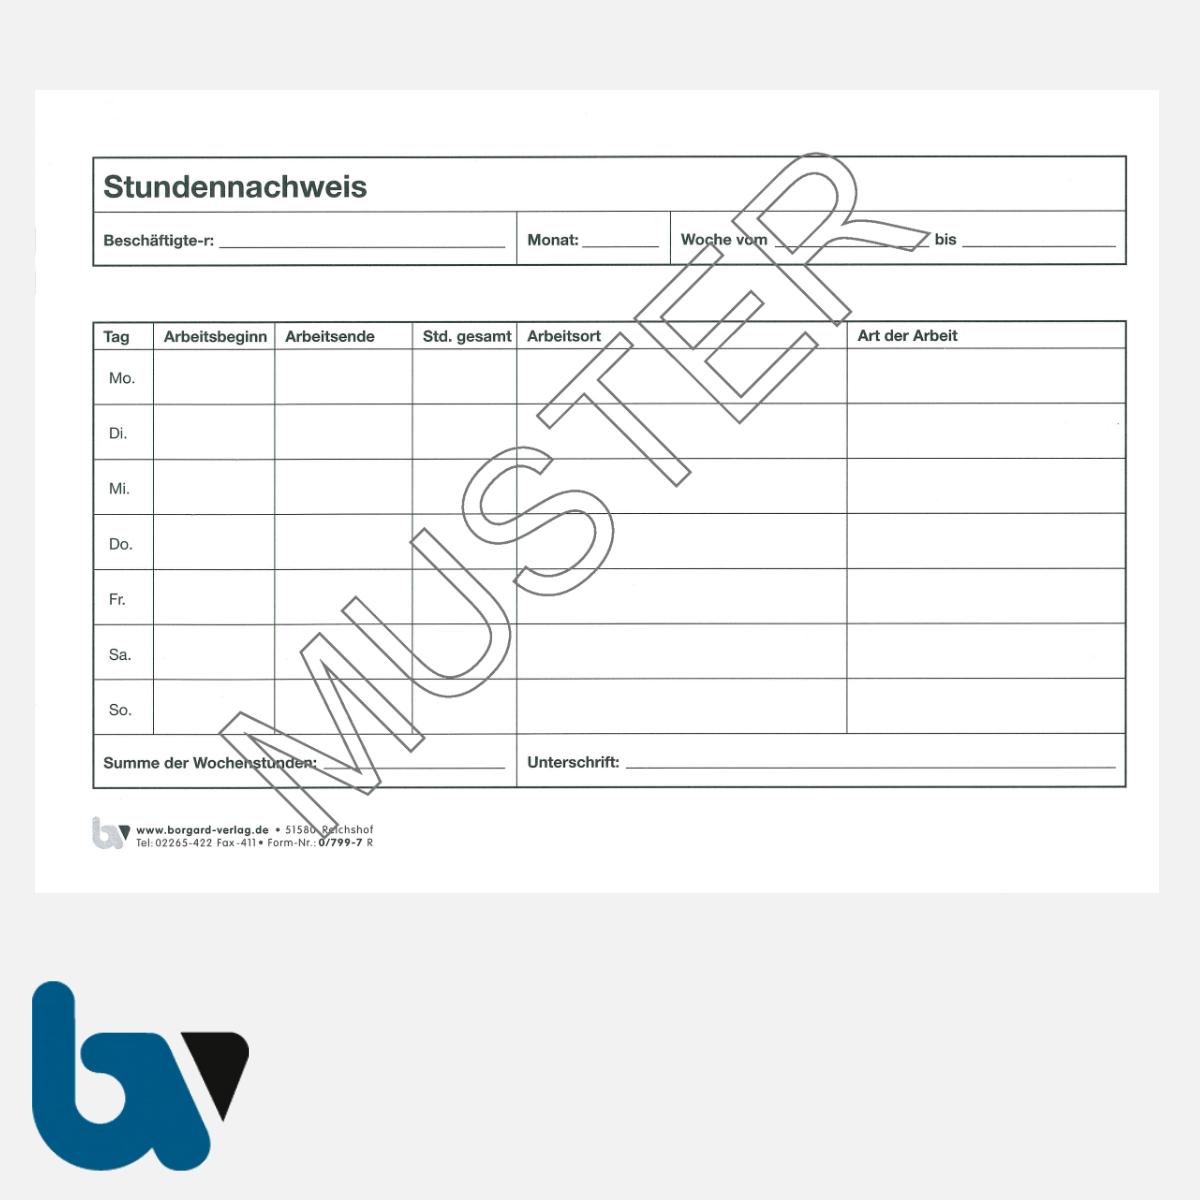 0/799-7 Stundennachweis Arbeit Wochenstunden Heft DIN A5 Seite 1 | Borgard Verlag GmbH